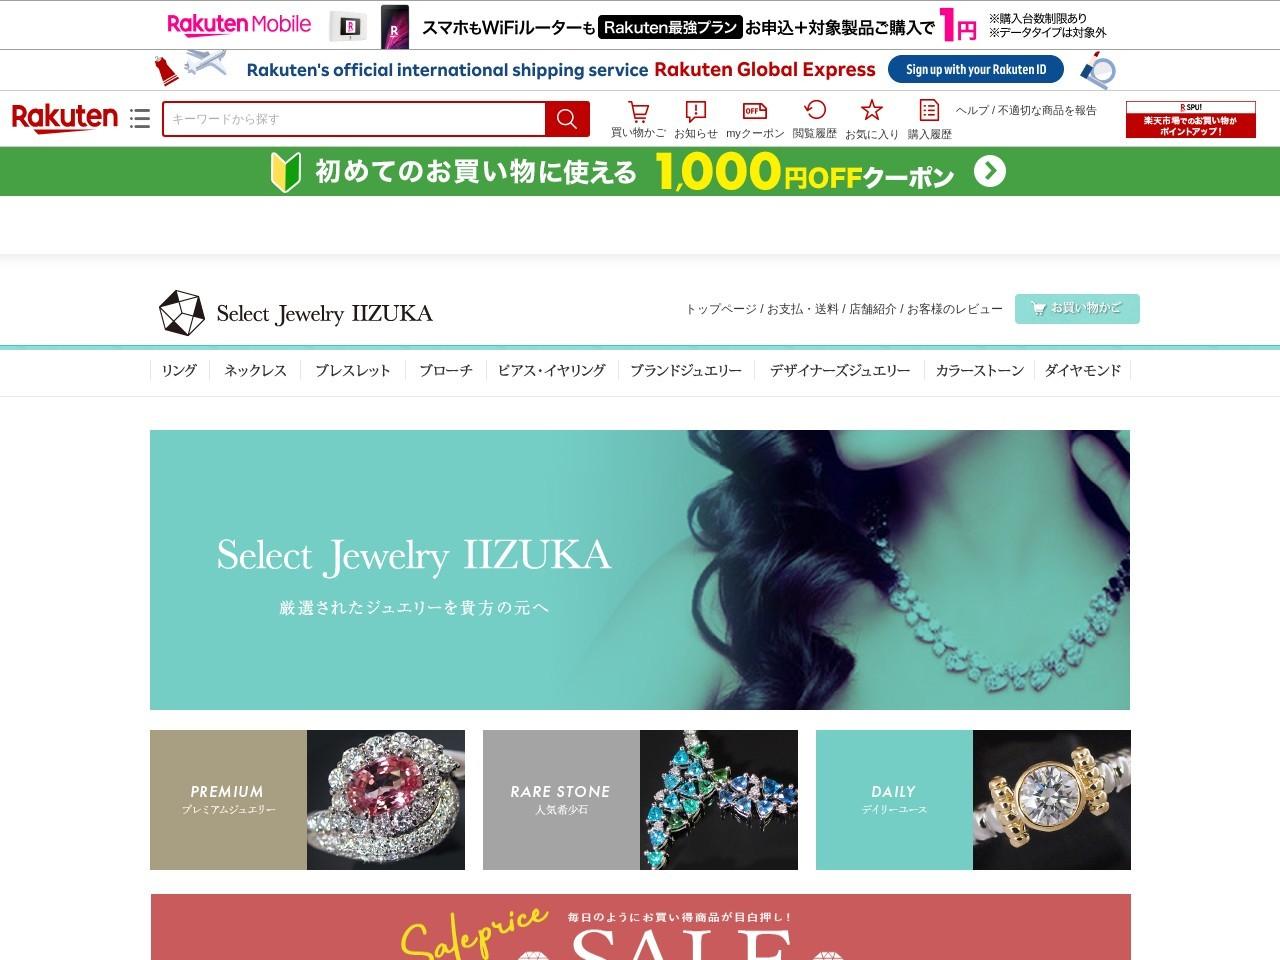 【楽天市場】質イイヅカ:オークションをメインに確かで信頼できる商品と安心をお届けいたします。